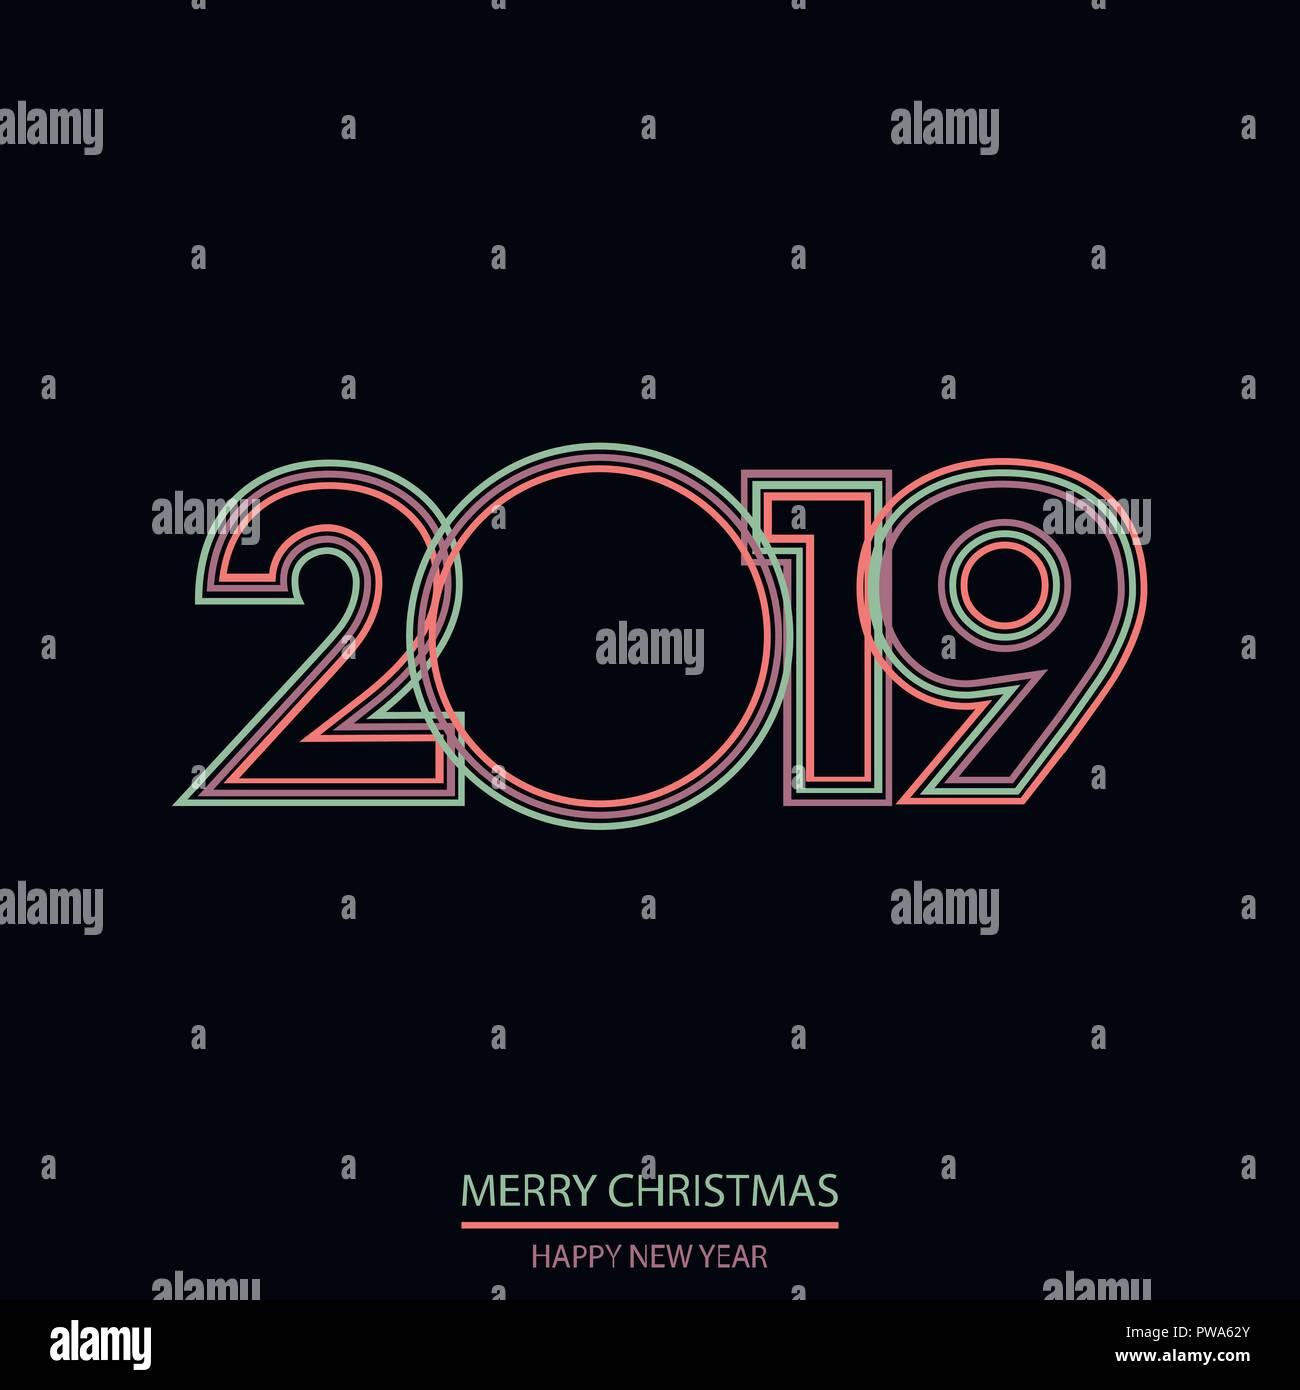 Imagenes Felicitacion Navidad 2019.Feliz Ano Nuevo O Tarjeta De Felicitacion De Navidad 2019